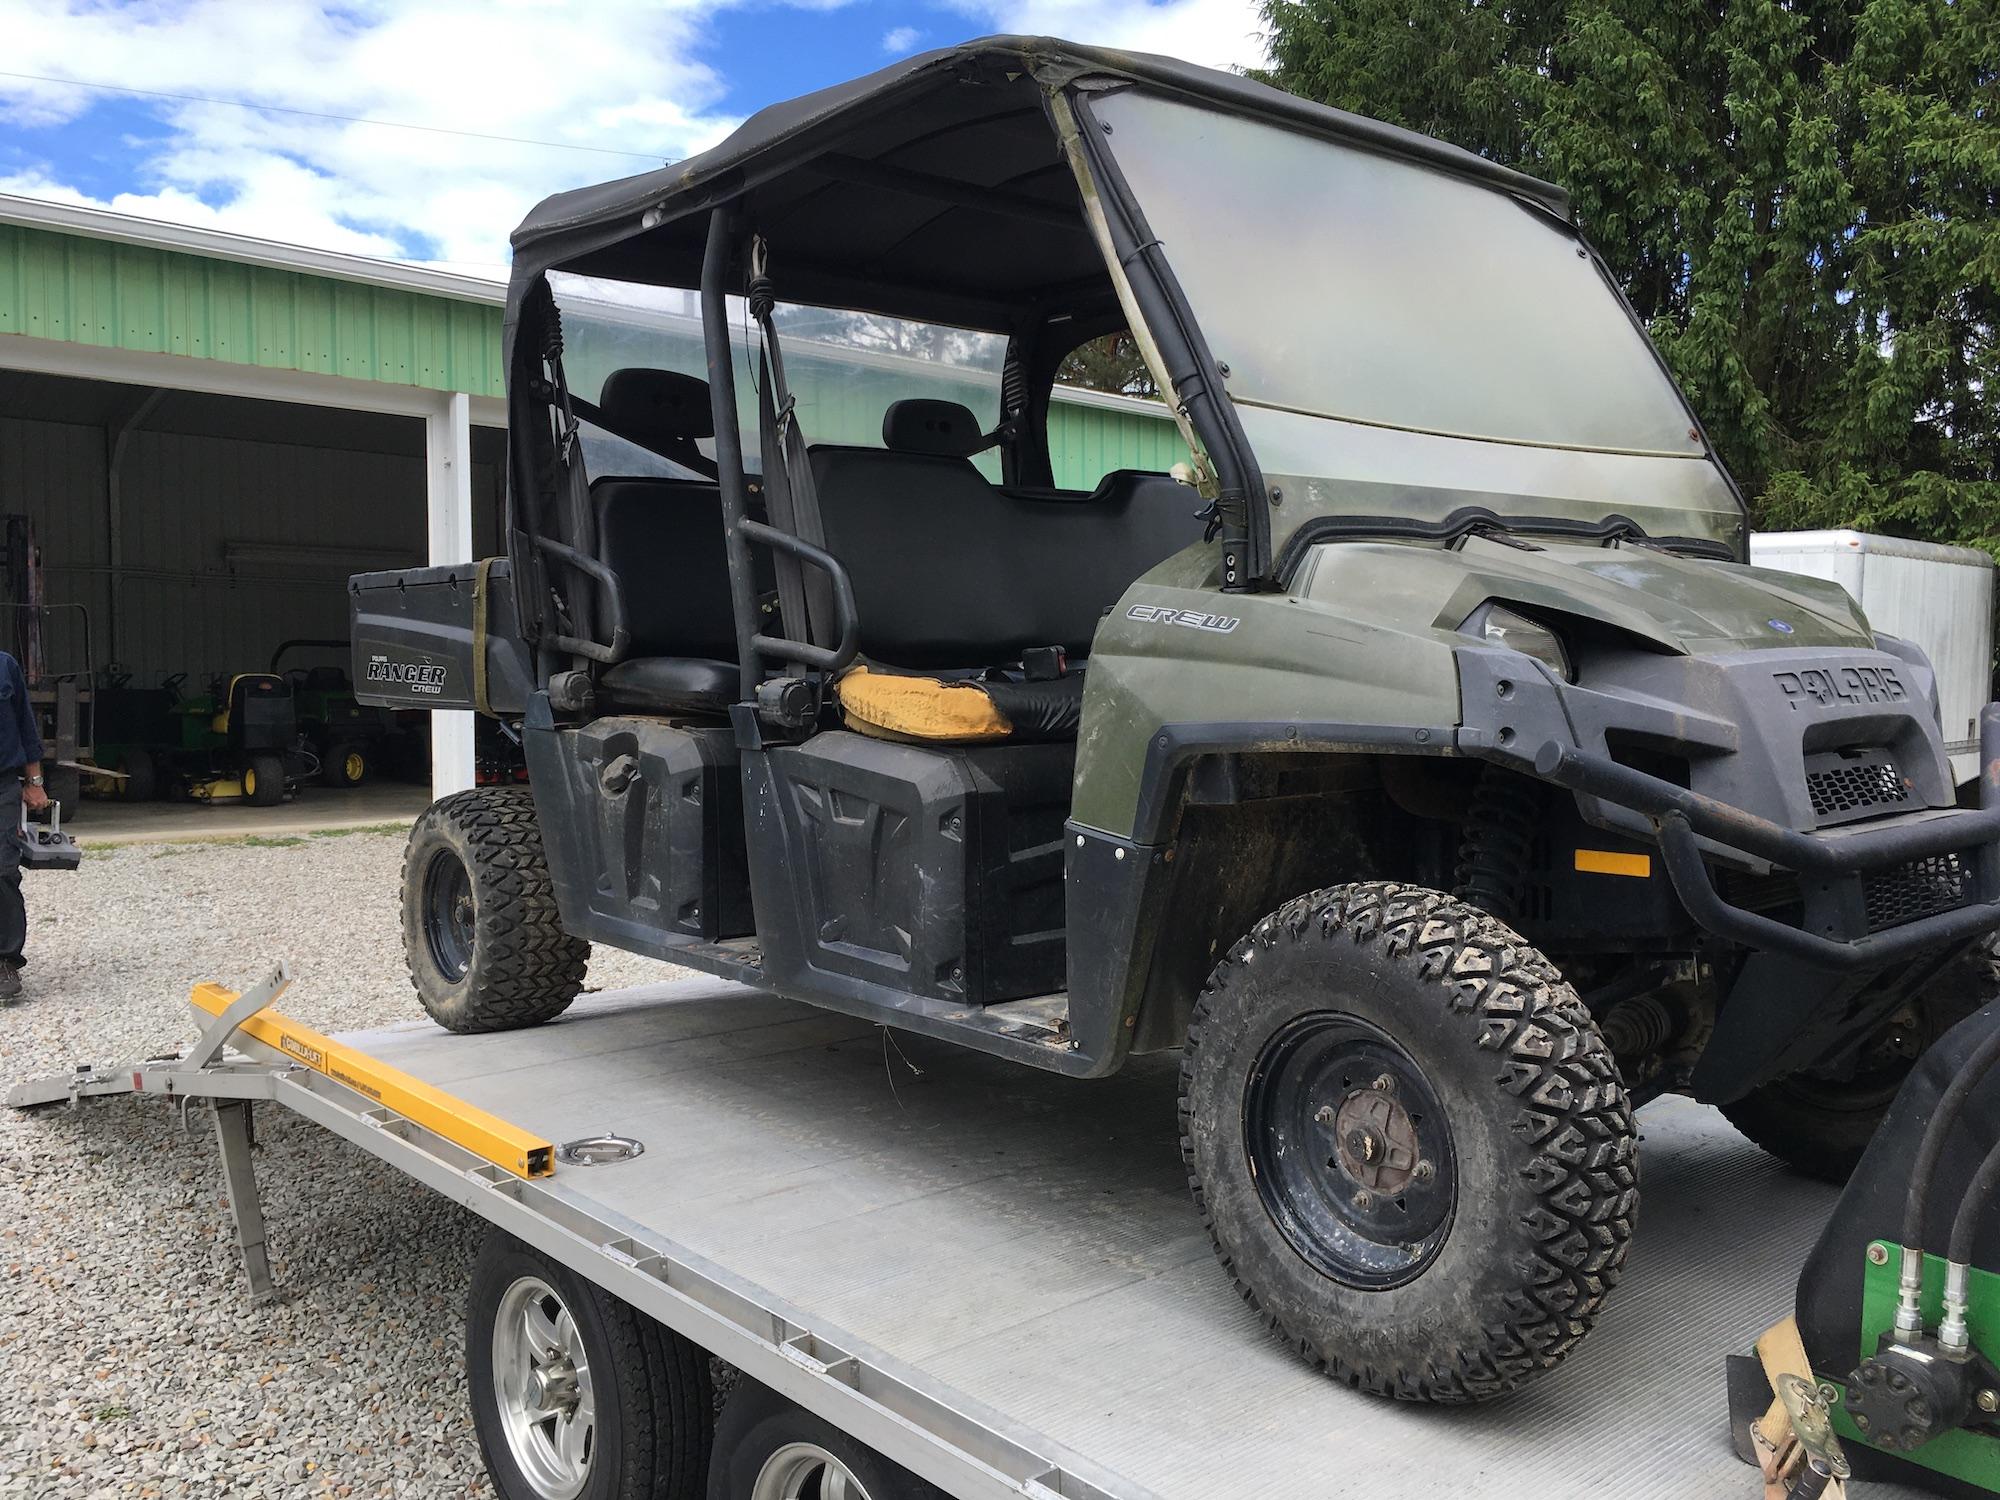 Polaris-800-Utility-Vehicle-4